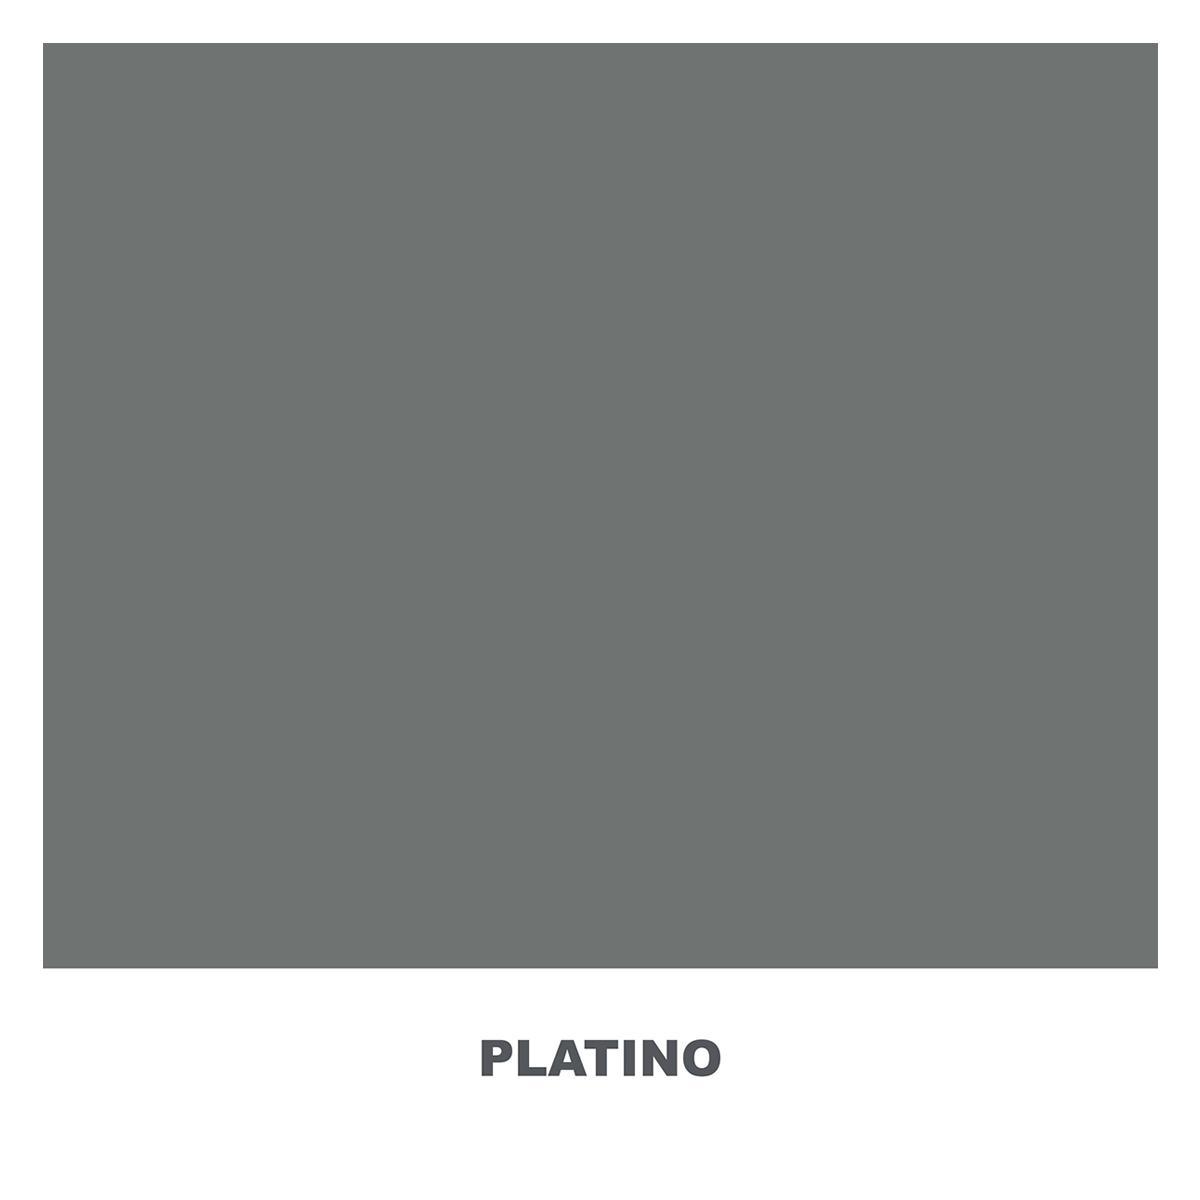 Super Porcelana 1KG - Platino